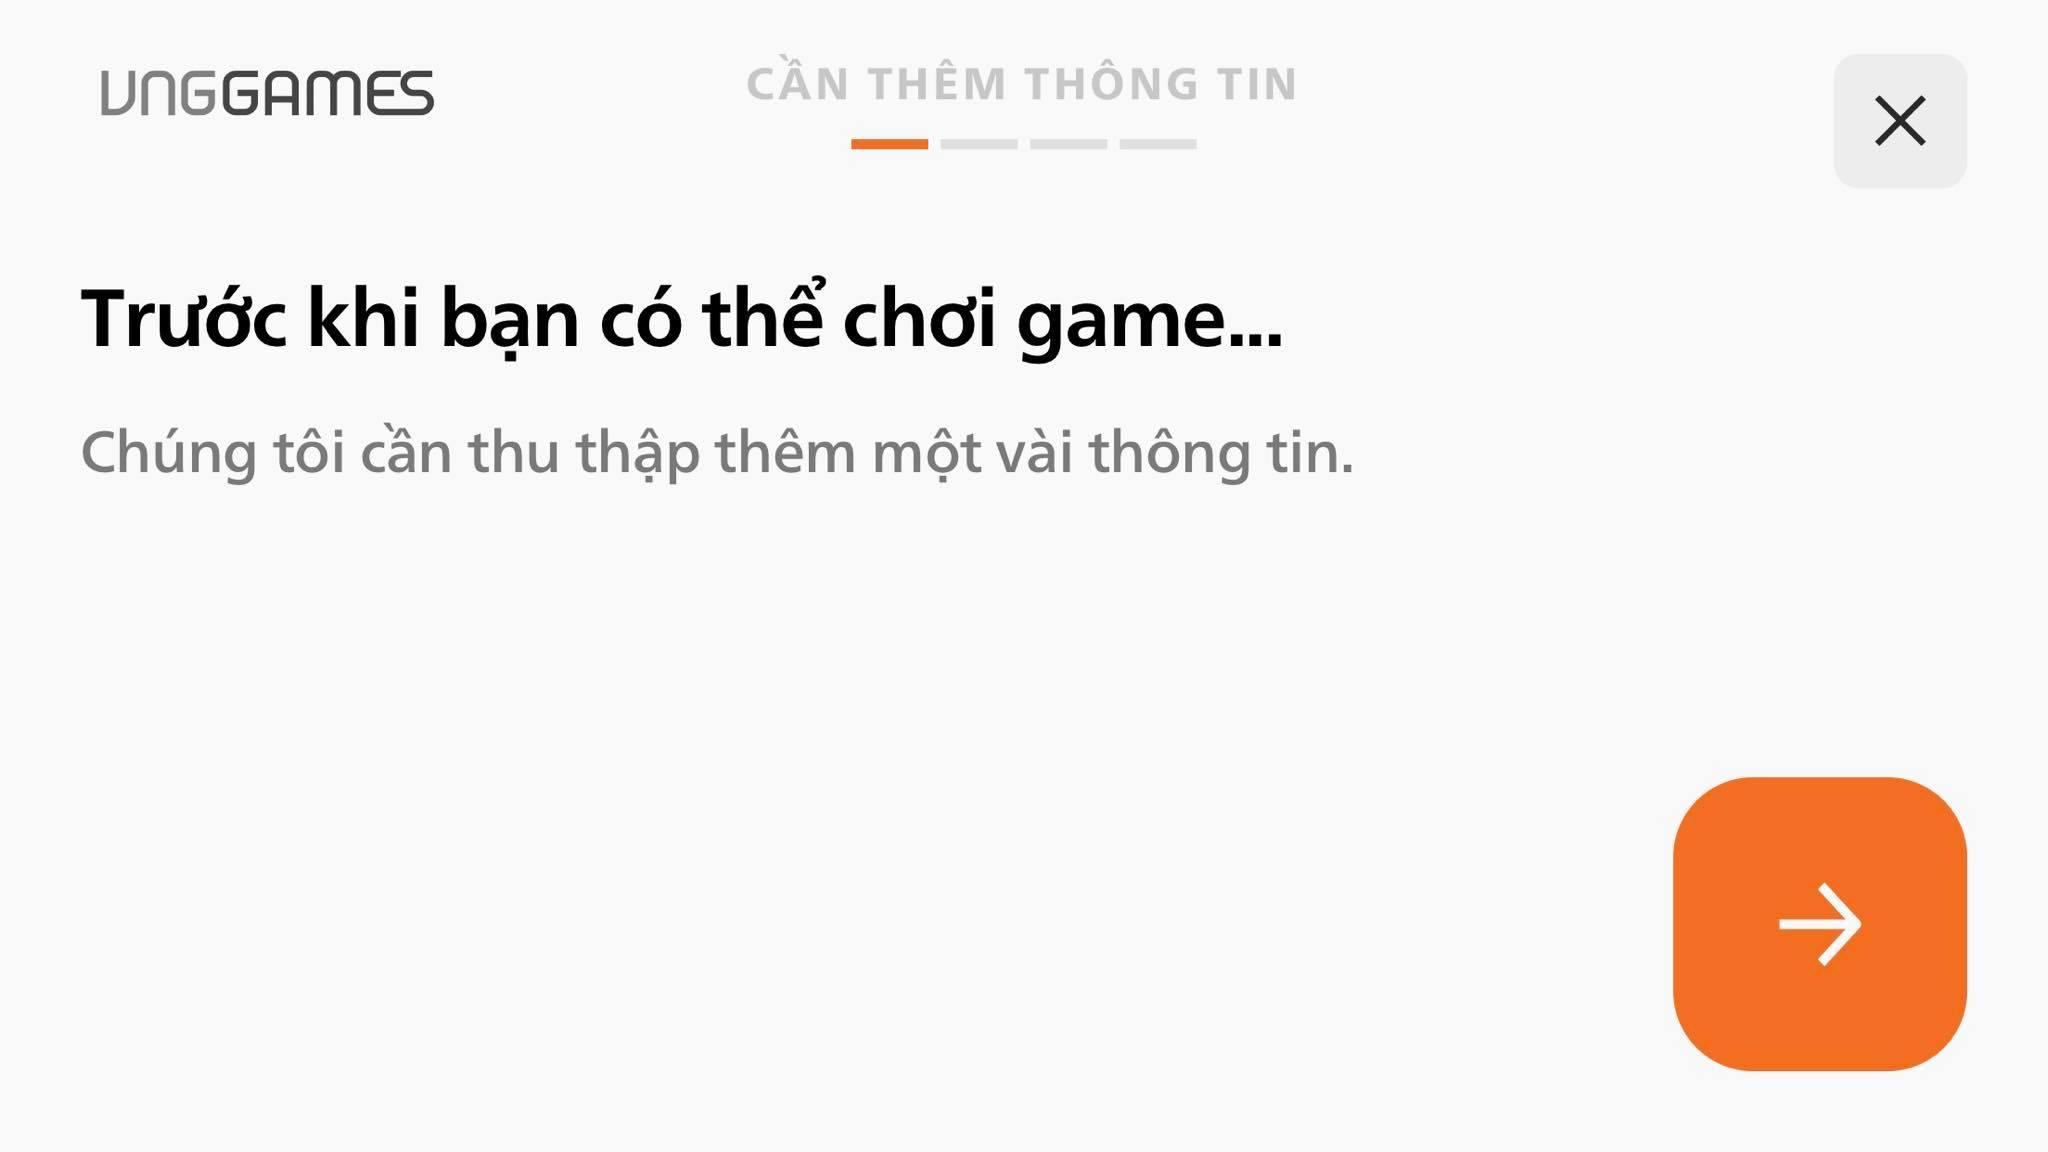 Nước cờ cao tay của VNG khi cài những điều khoản bất lợi, game thủ mất trắng tài khoản Tốc Chiến cũng không thể kiện - Ảnh 4.